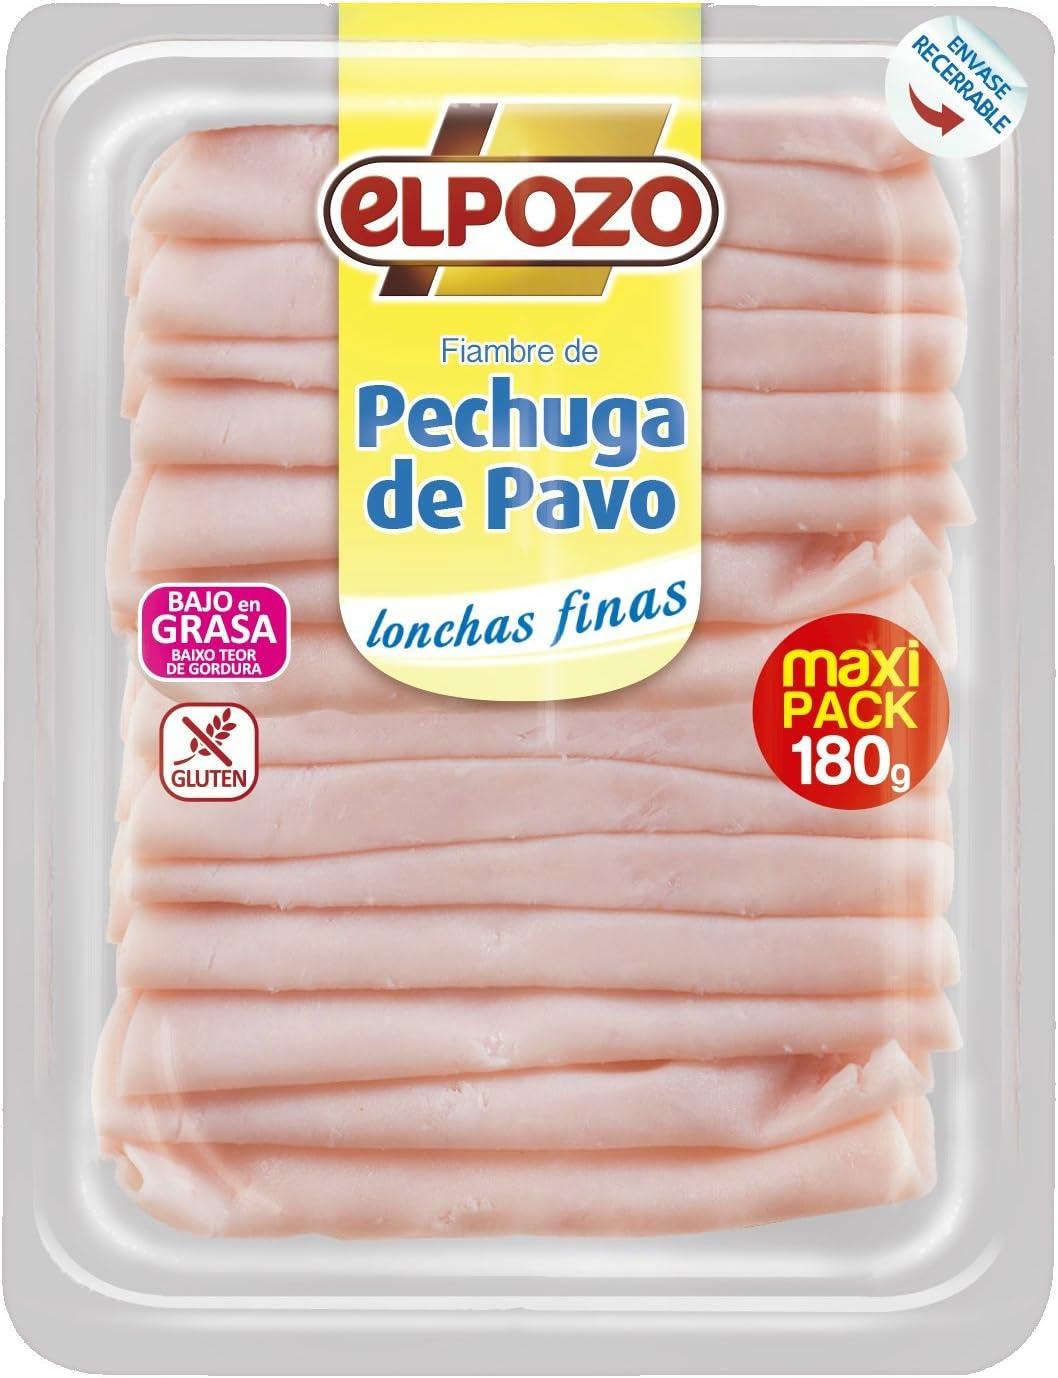 ElPozo Pechuga de Pavo Lonchas Finas, 180g